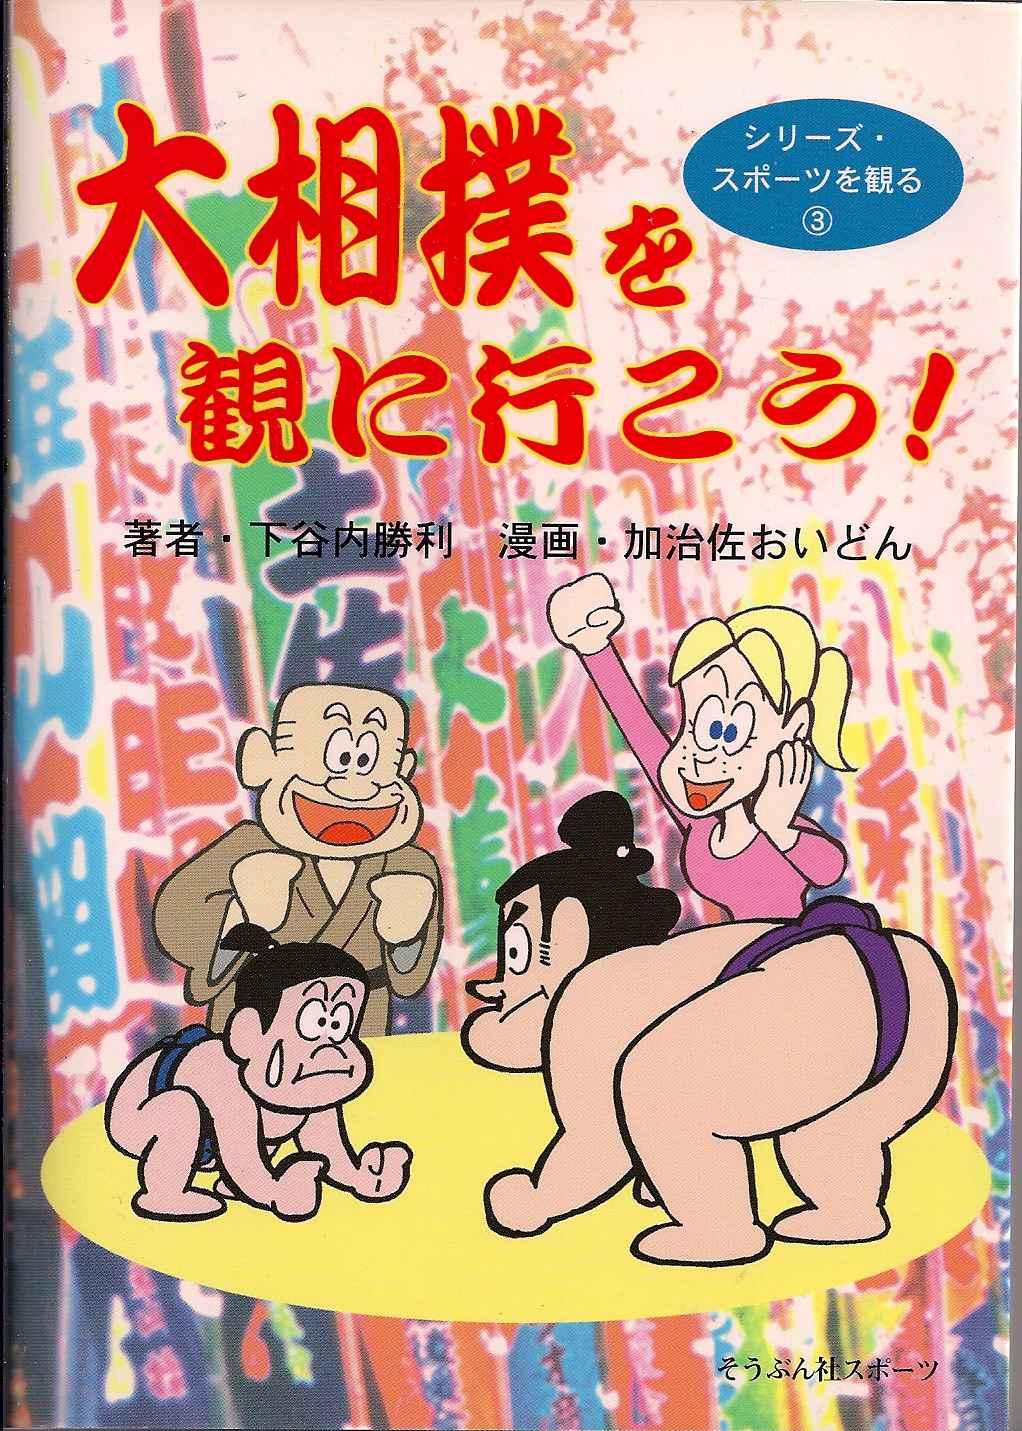 大相撲を観に行こう!。